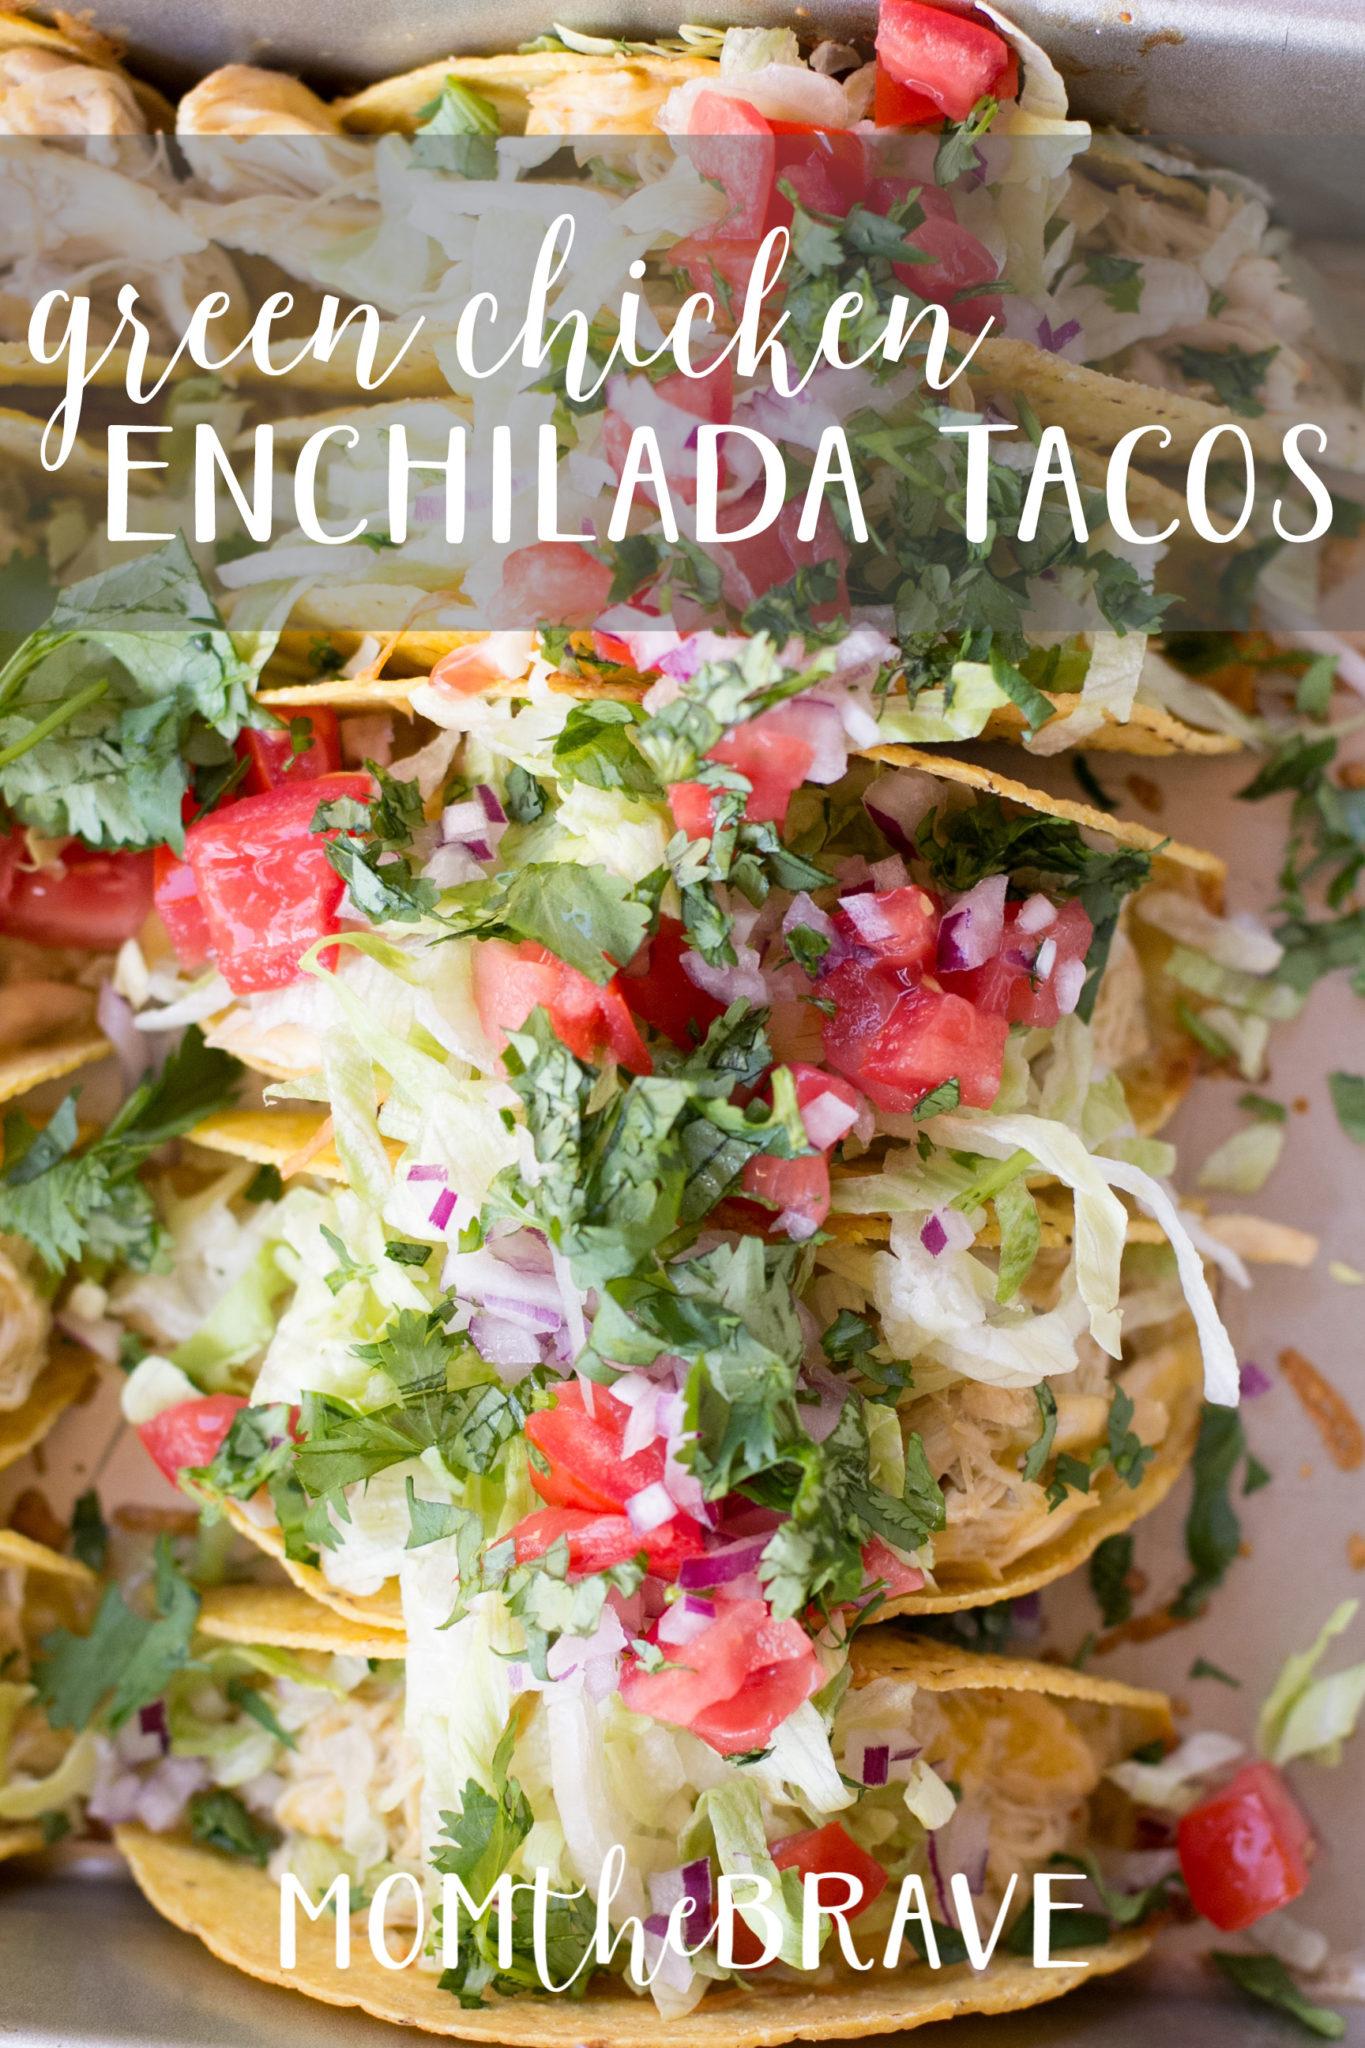 Green Chicken Enchilada Tacos